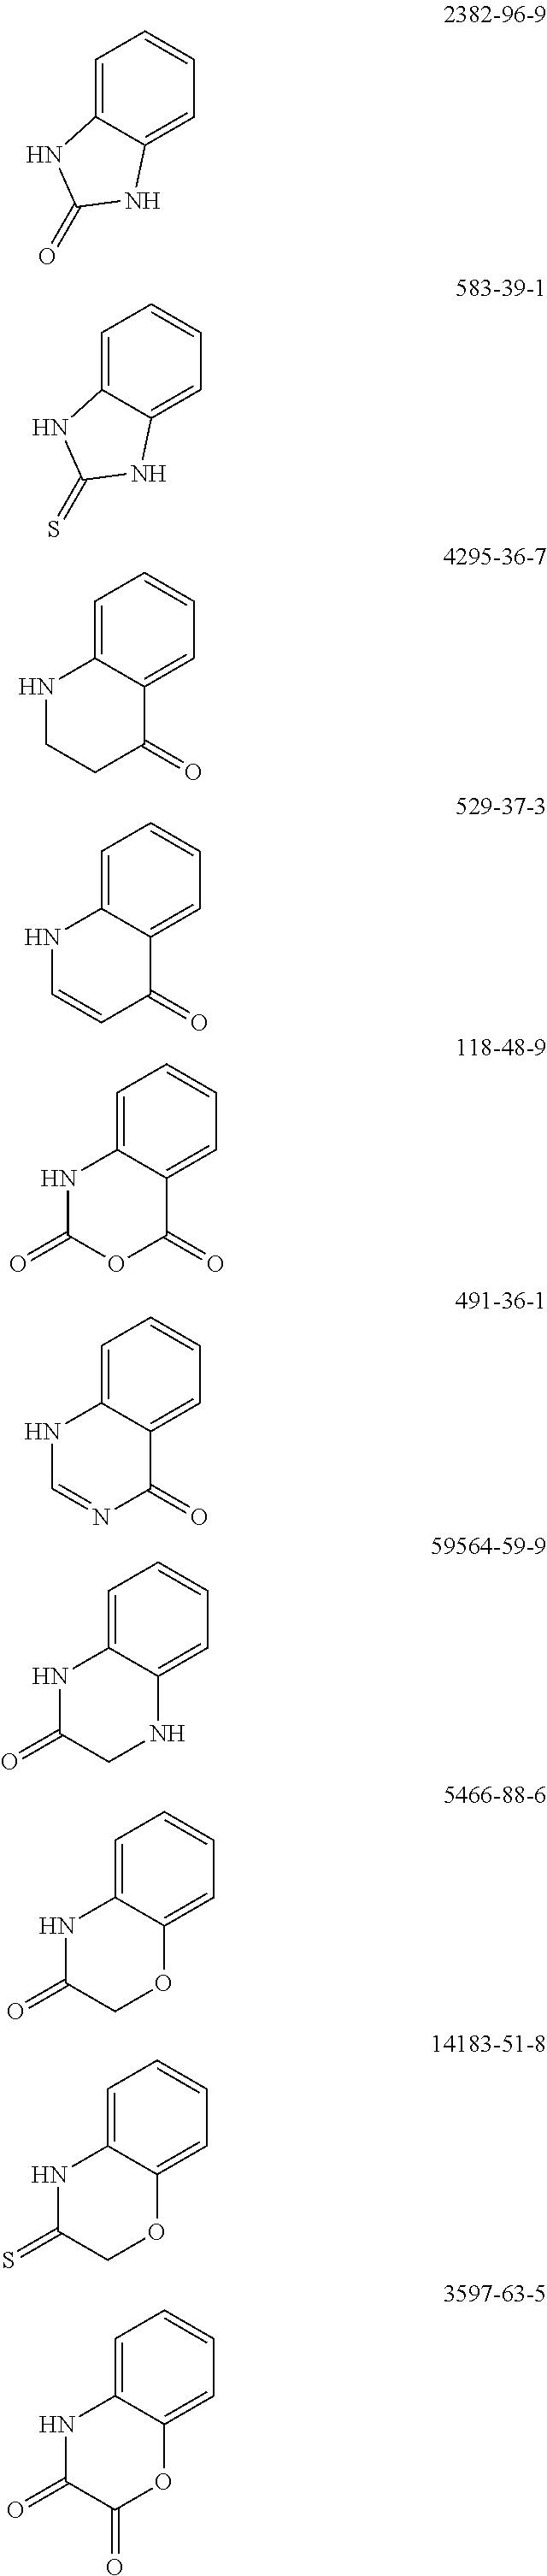 Figure US09951087-20180424-C00077